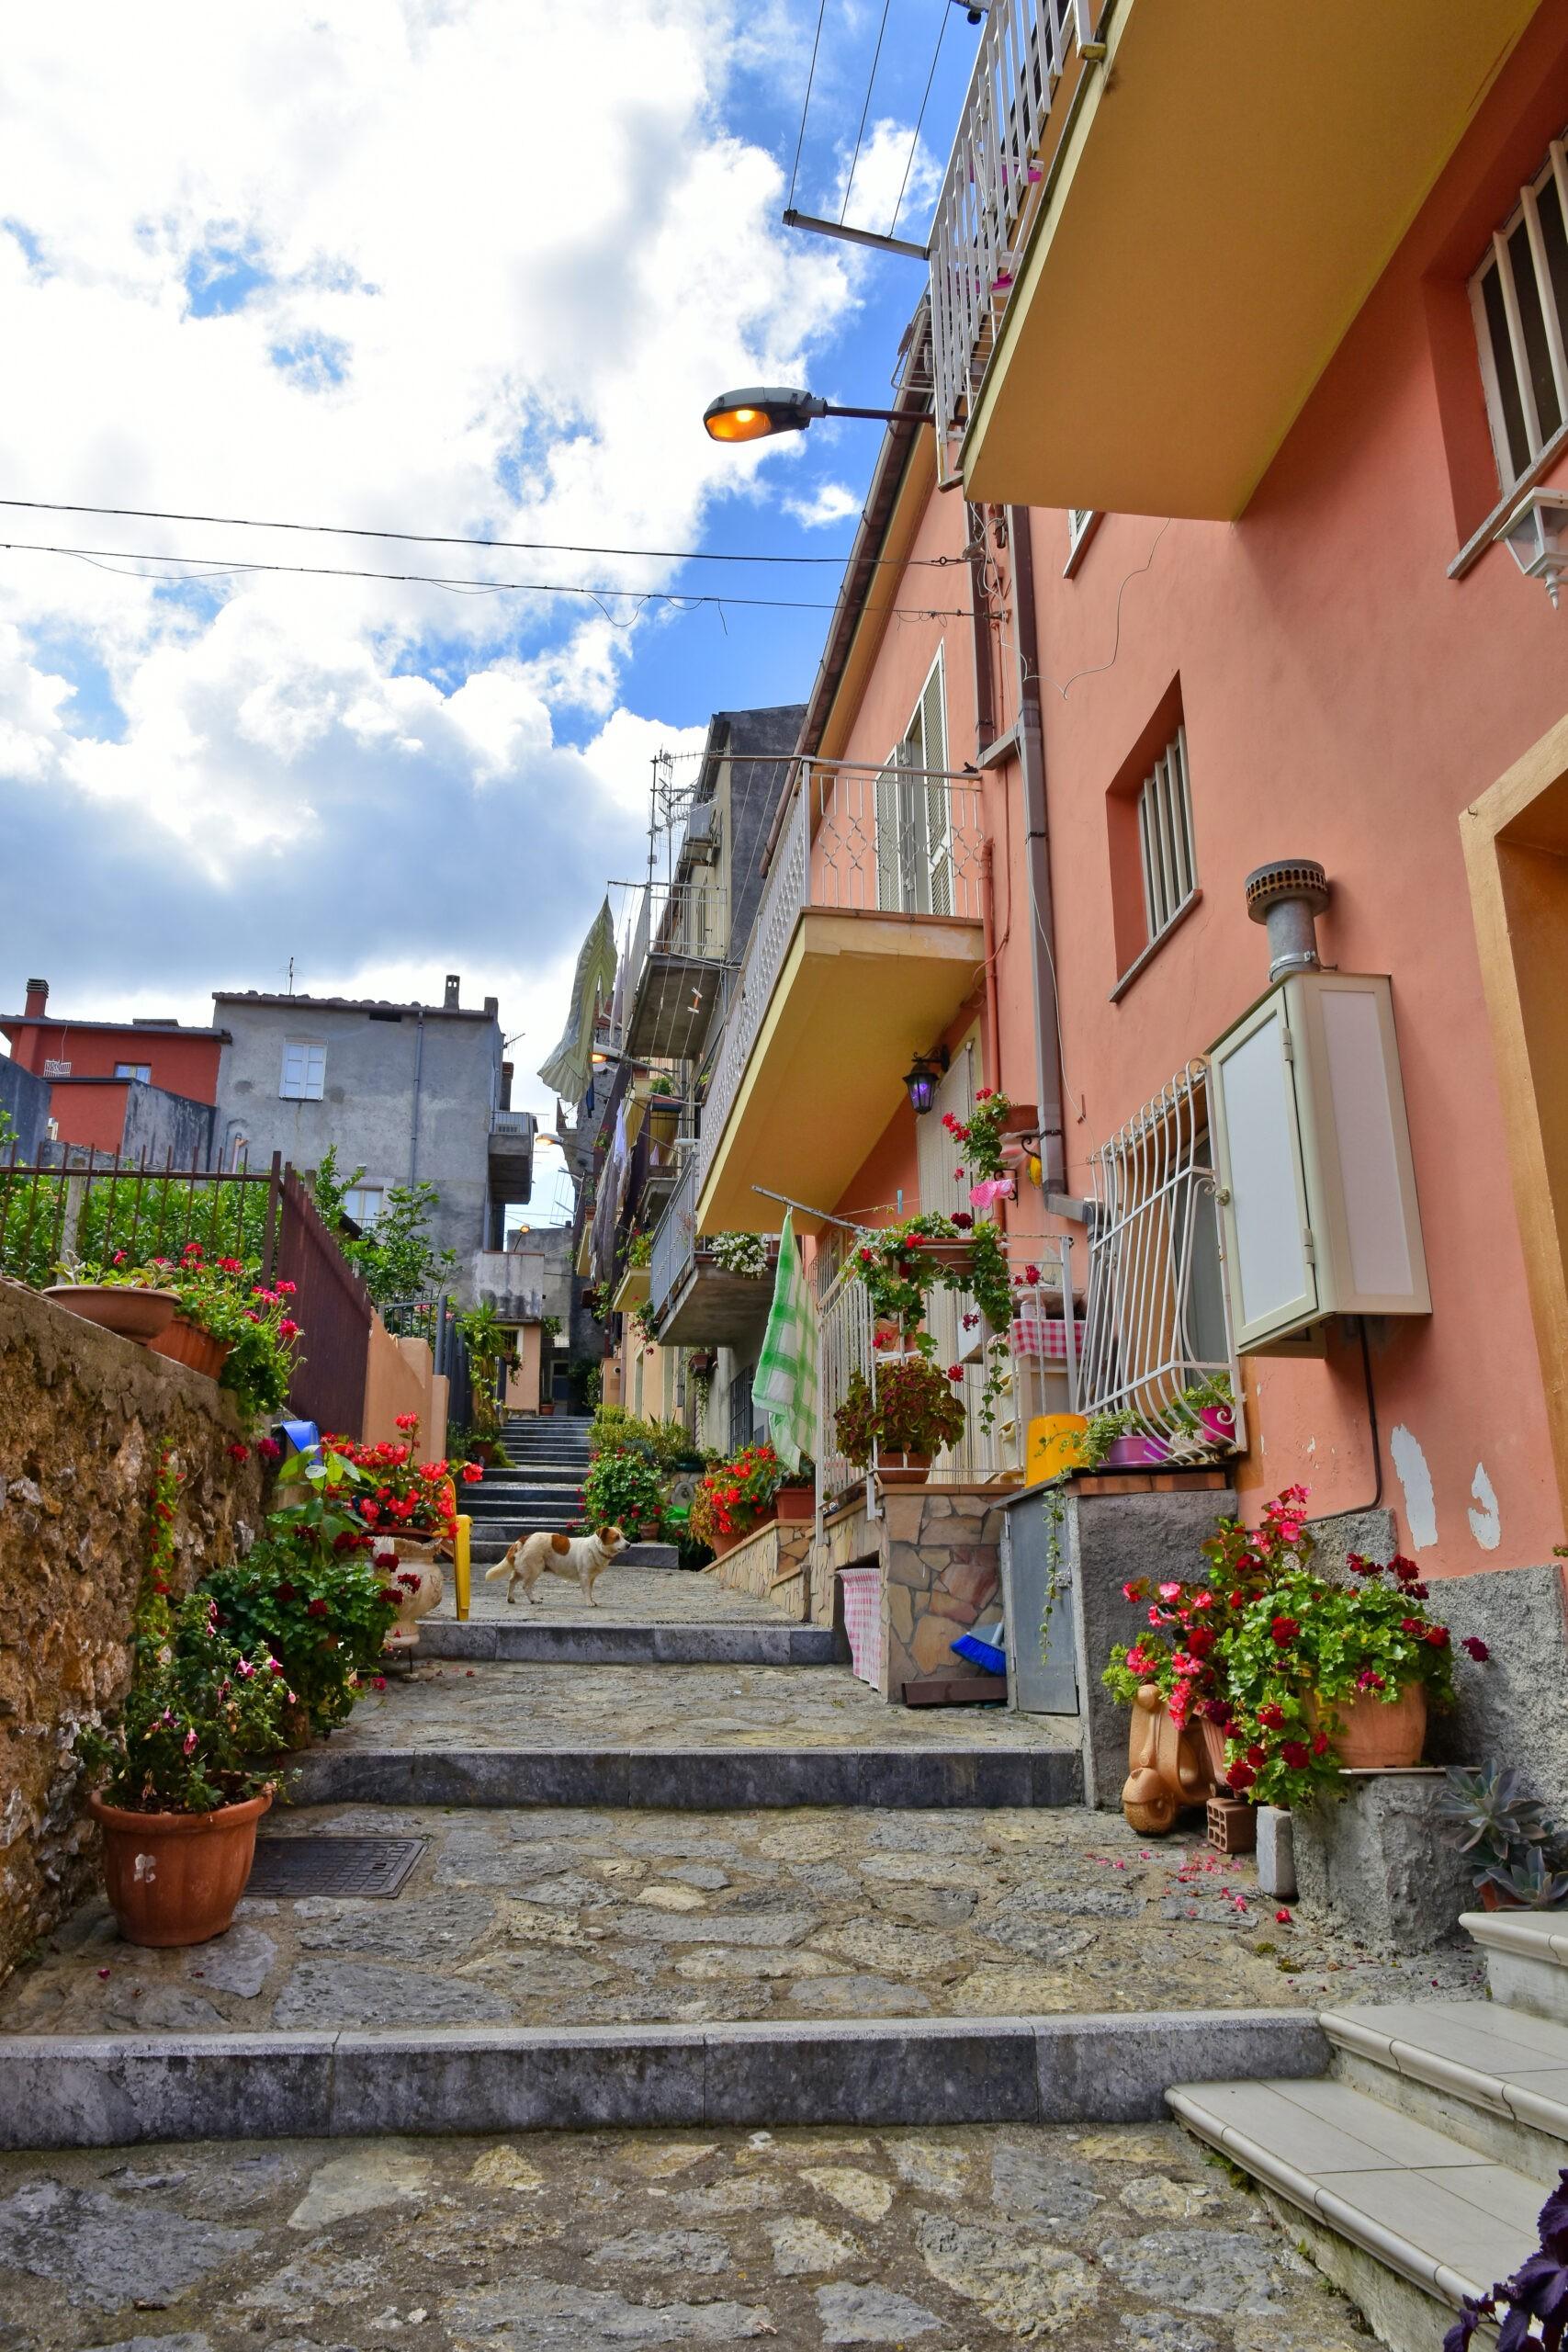 Grisolia, Włochy, Schody pomiędzy małymi domami w górskiej wiosce w regionie Kalabria., licencja: shutterstock/By Giambattista Lazazzera